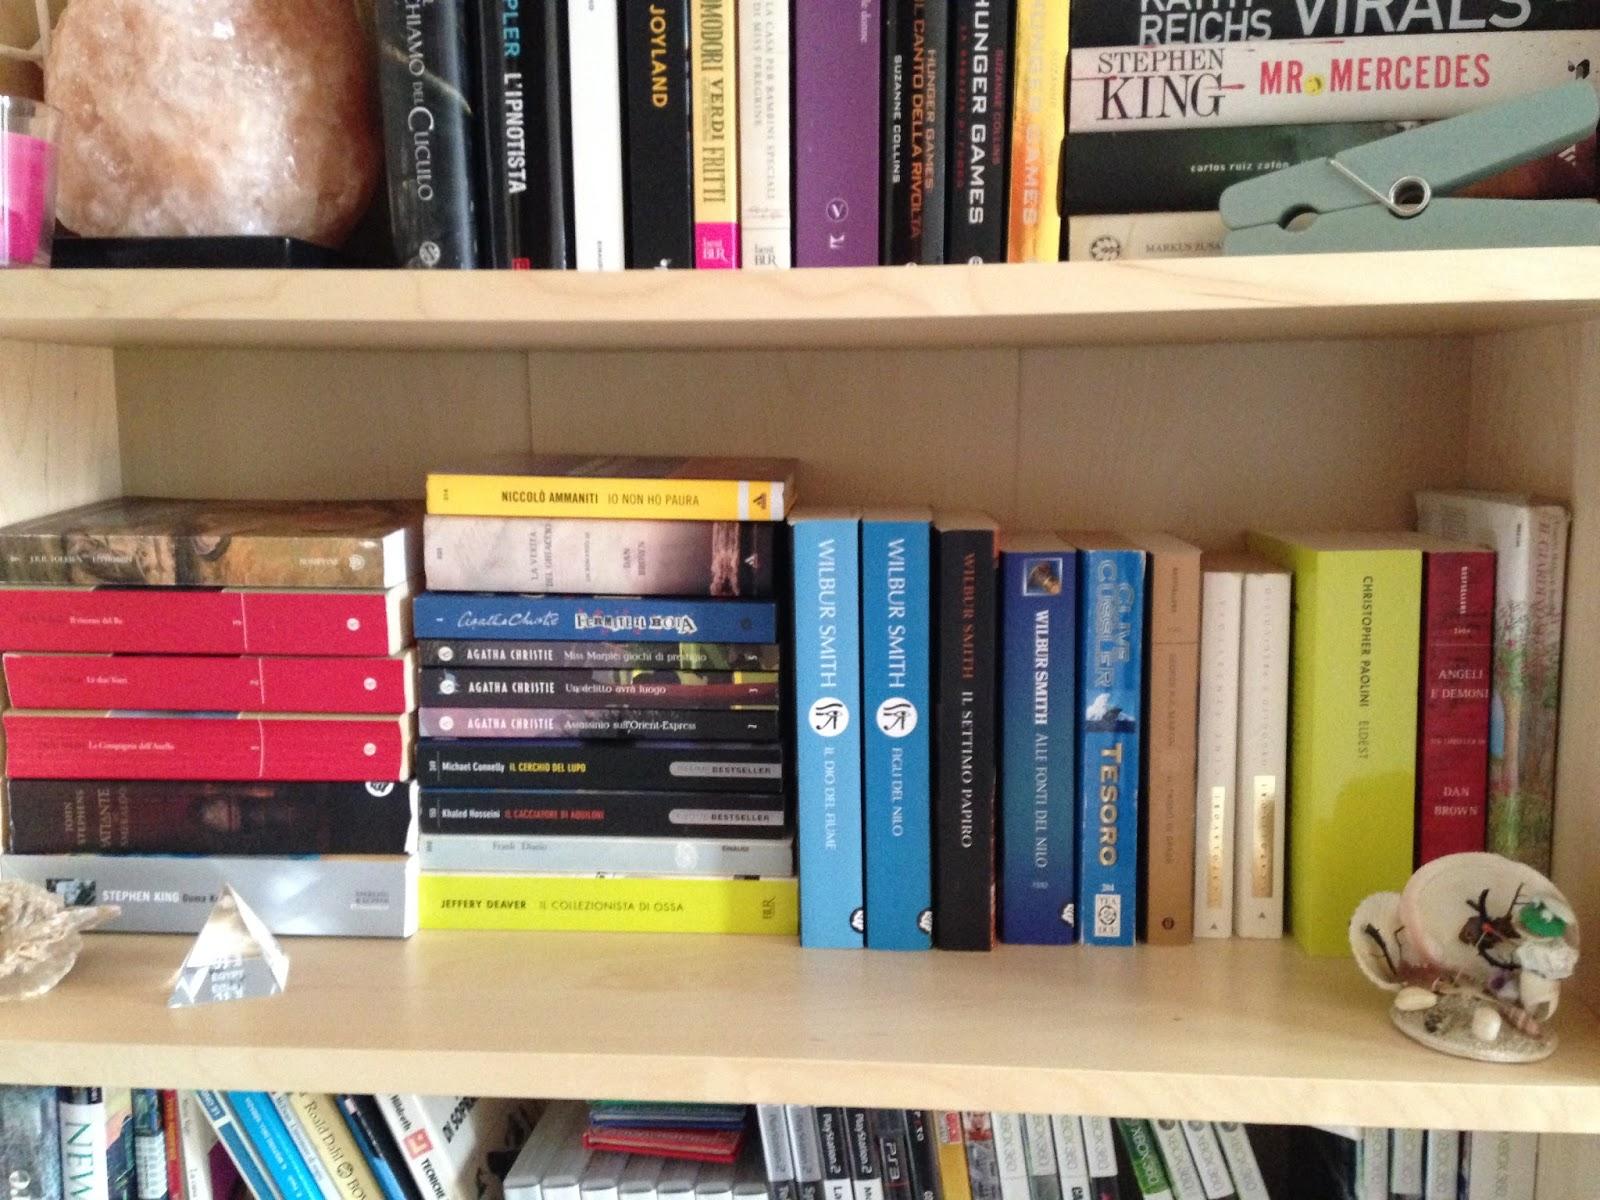 Libri e molto altro come organizzate la vostra libreria